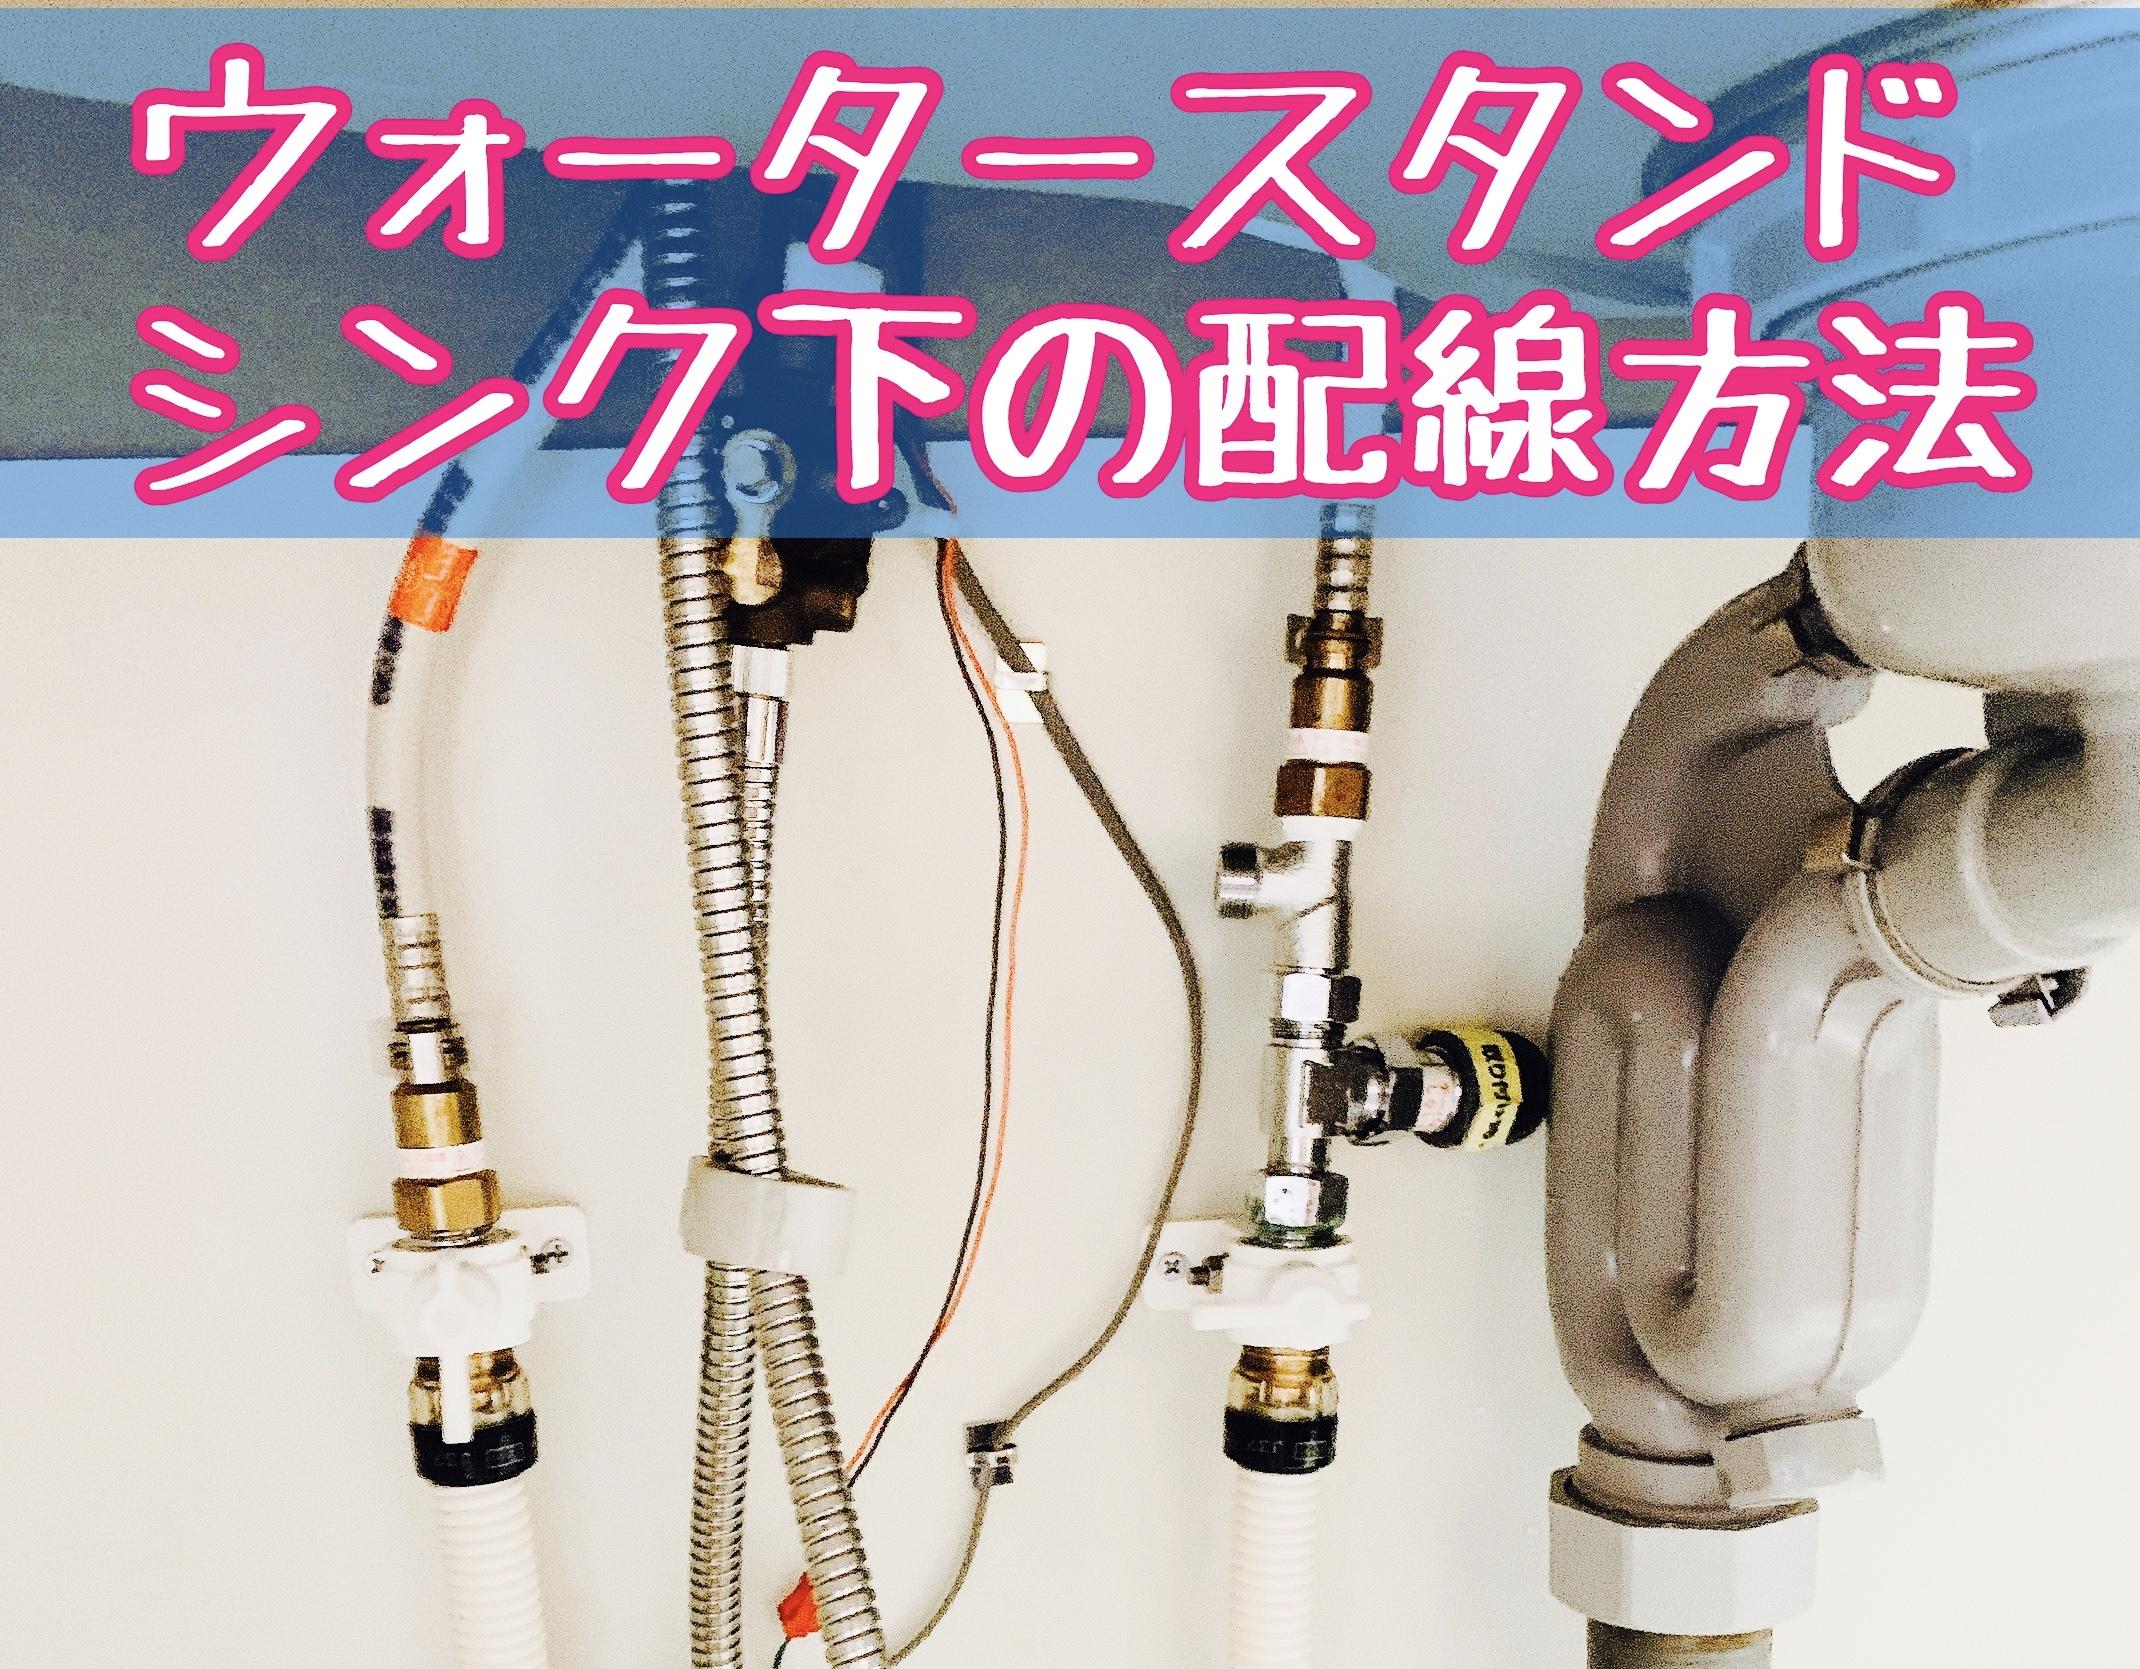 ウォータースタンドをシンク下配線で繋げる方法!水栓の形状にあう分岐金具がなくても設置できる!